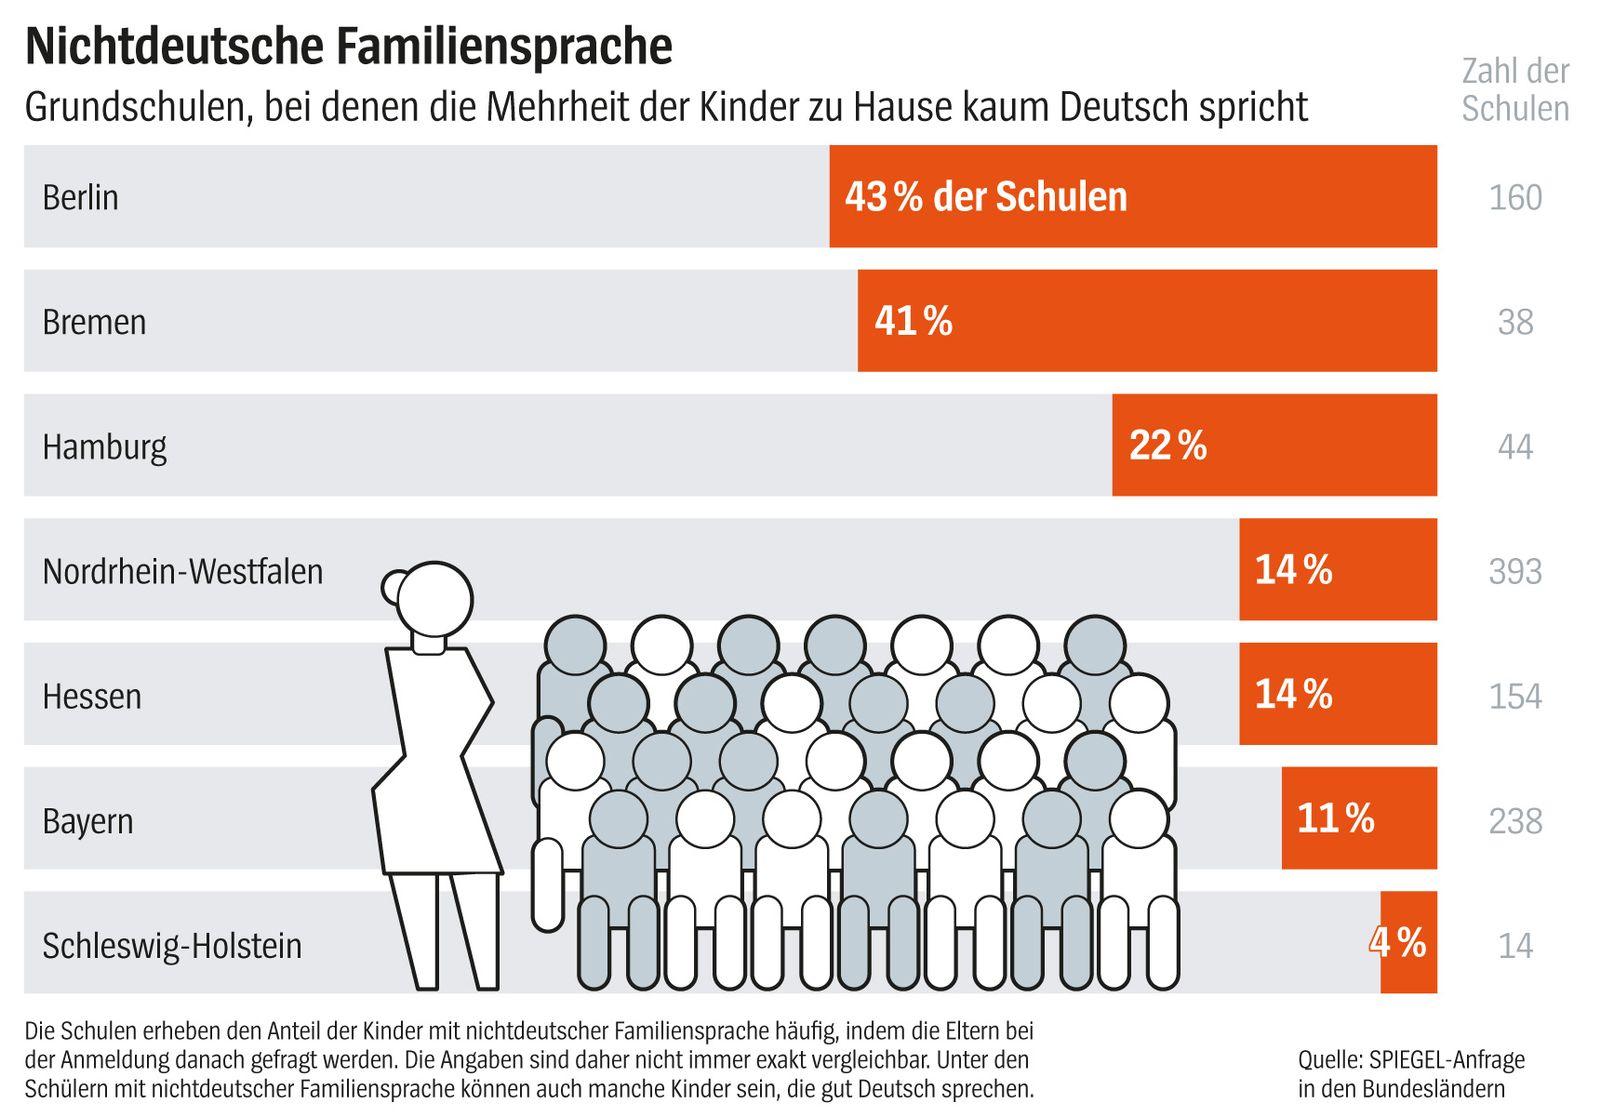 EINMALIGE VERWENDUNG SPIEGEL Plus SPIEGEL 14/2018 S. 36 Bildung Grafik Nichtdeutsche Familiensprache